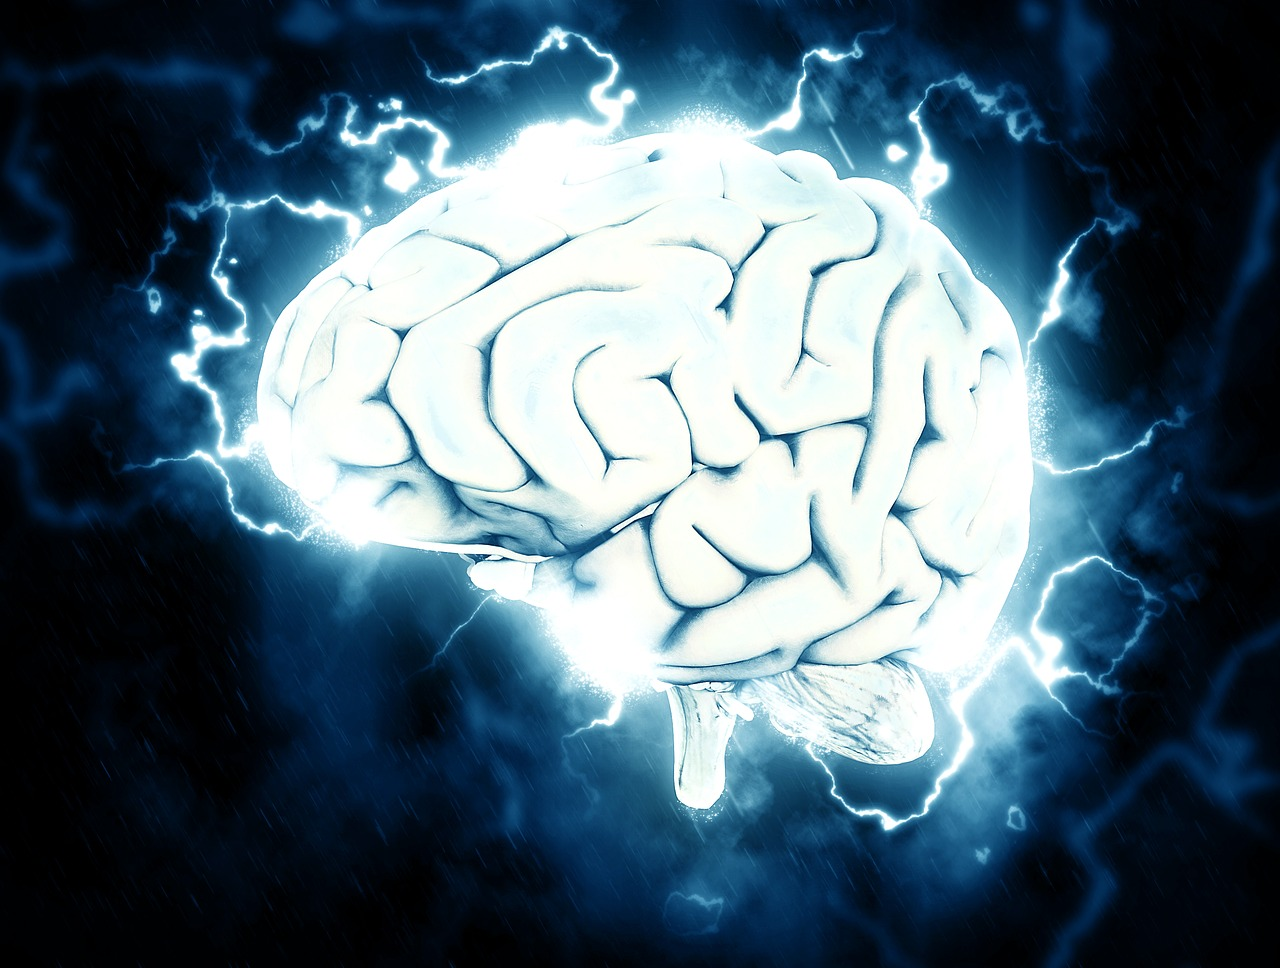 Negocjacje dla zaawansowanych: aspekty psychologiczne w negocjacjach - szkolenie